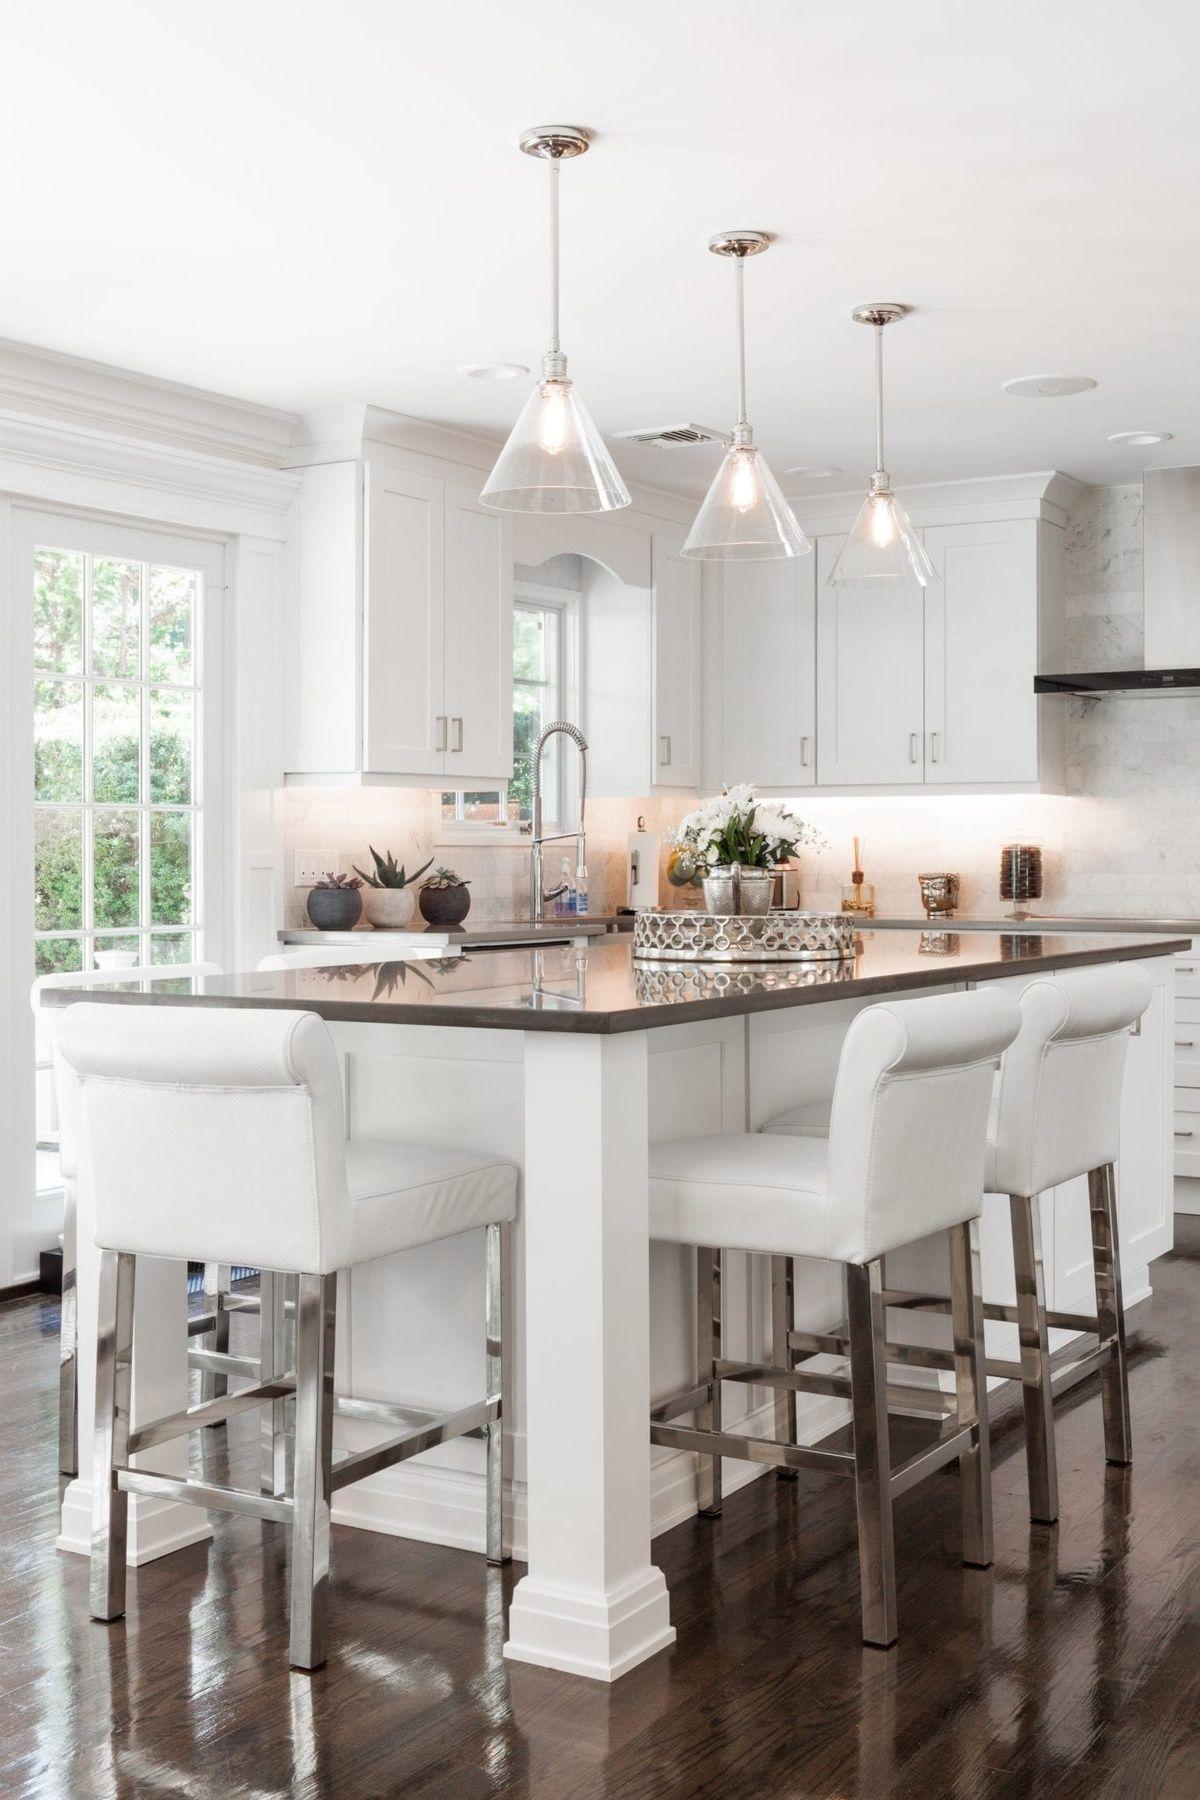 Arcadia White Maple Shaker Kitchen Bath Cabinets In 2020 Modern Kitchen Island Design Kitchen Design Contemporary Kitchen